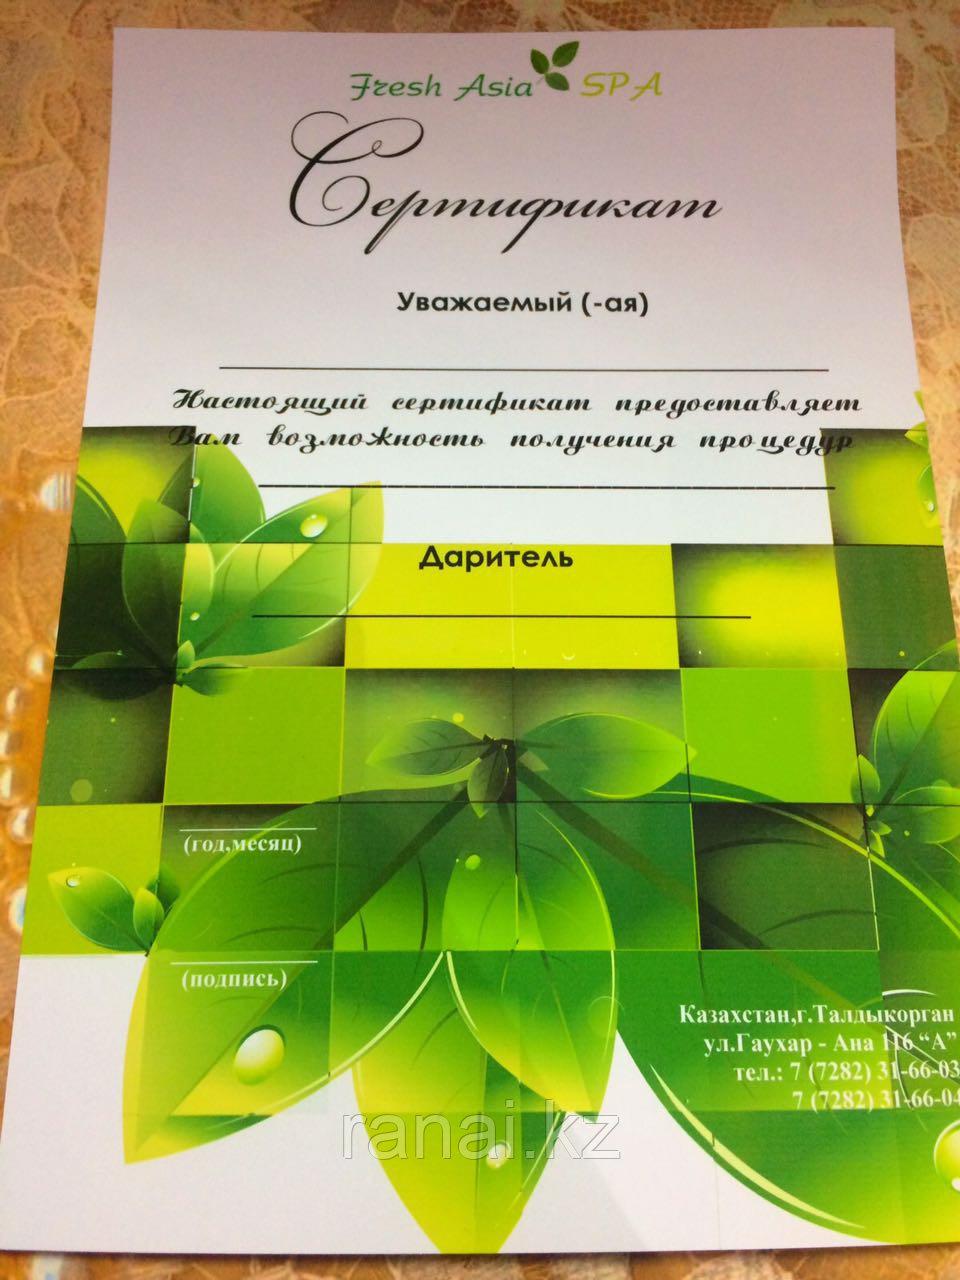 Грамоты и сертификаты от 150 тг  в Алматы